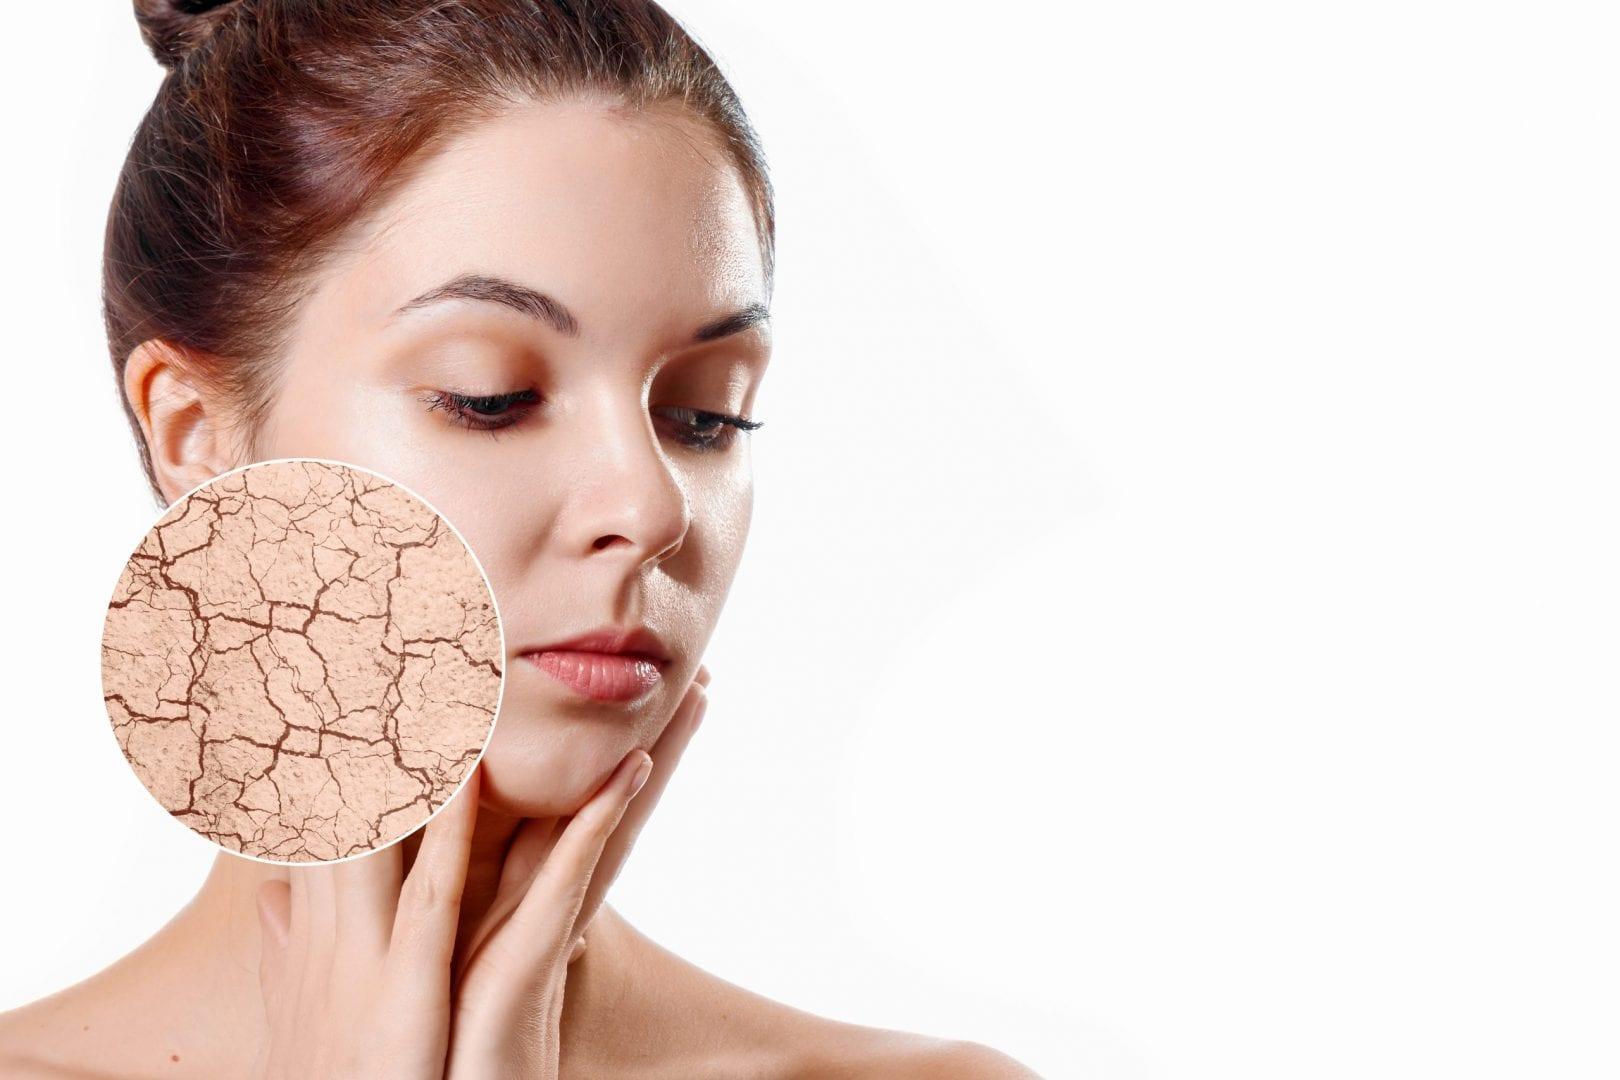 Pele seca – O que é, como identificar, sintomas e tratamento